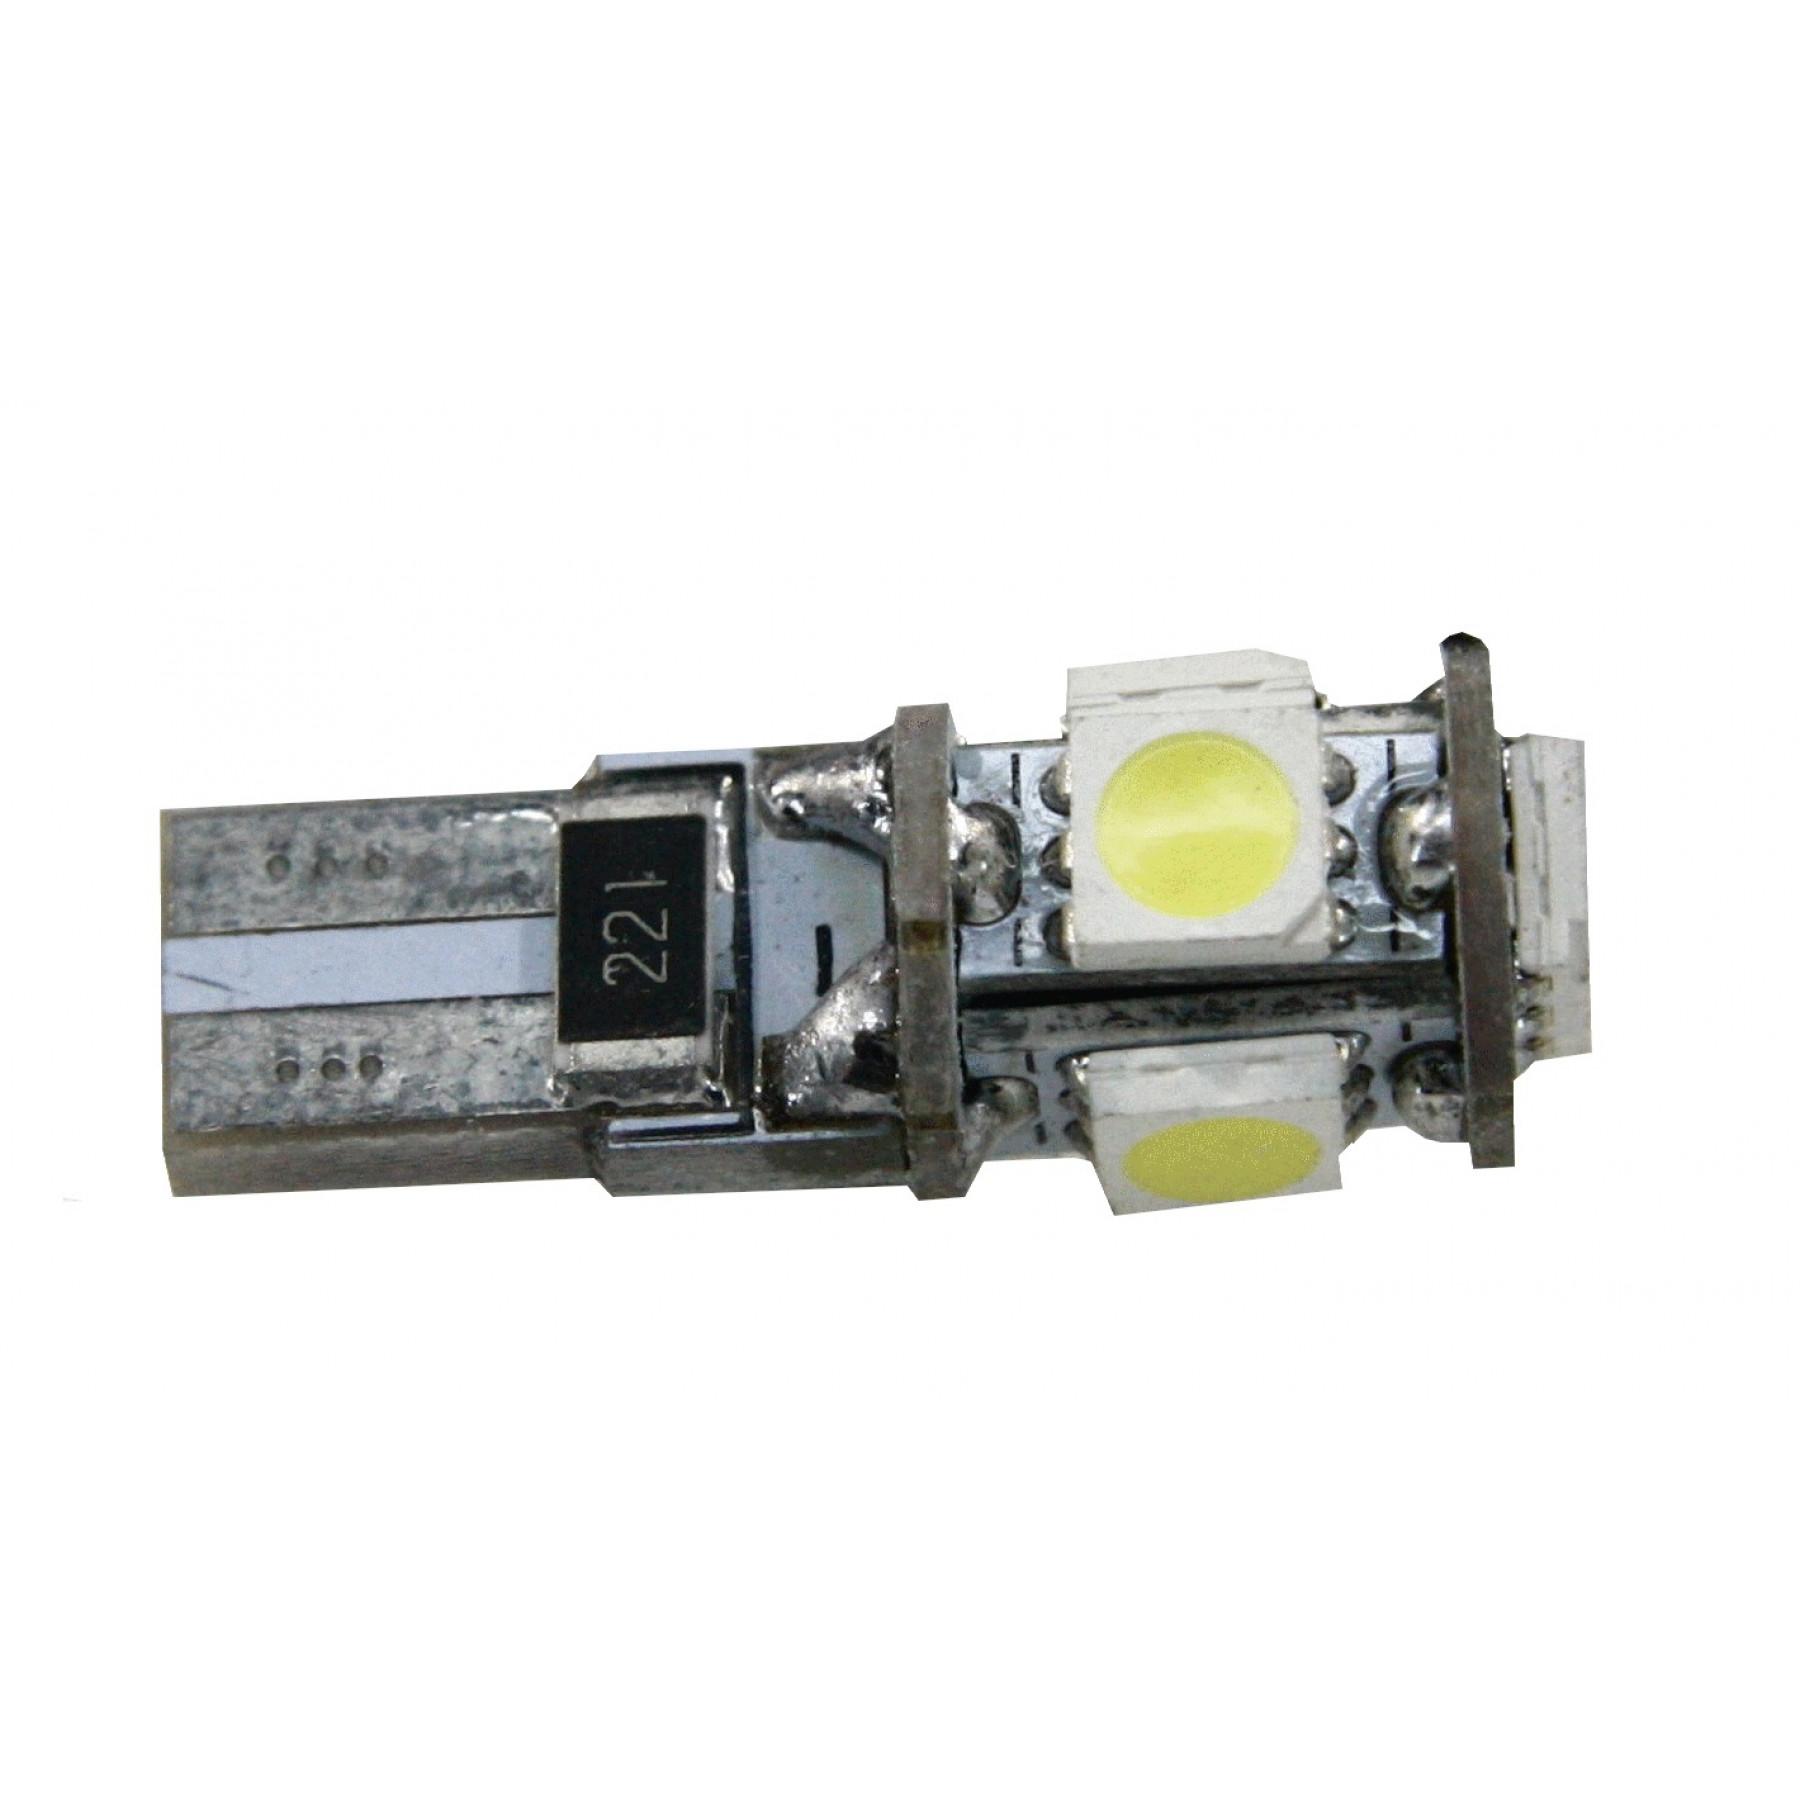 LED lamp T10 steek canbus, storingsvrij, zonder lens